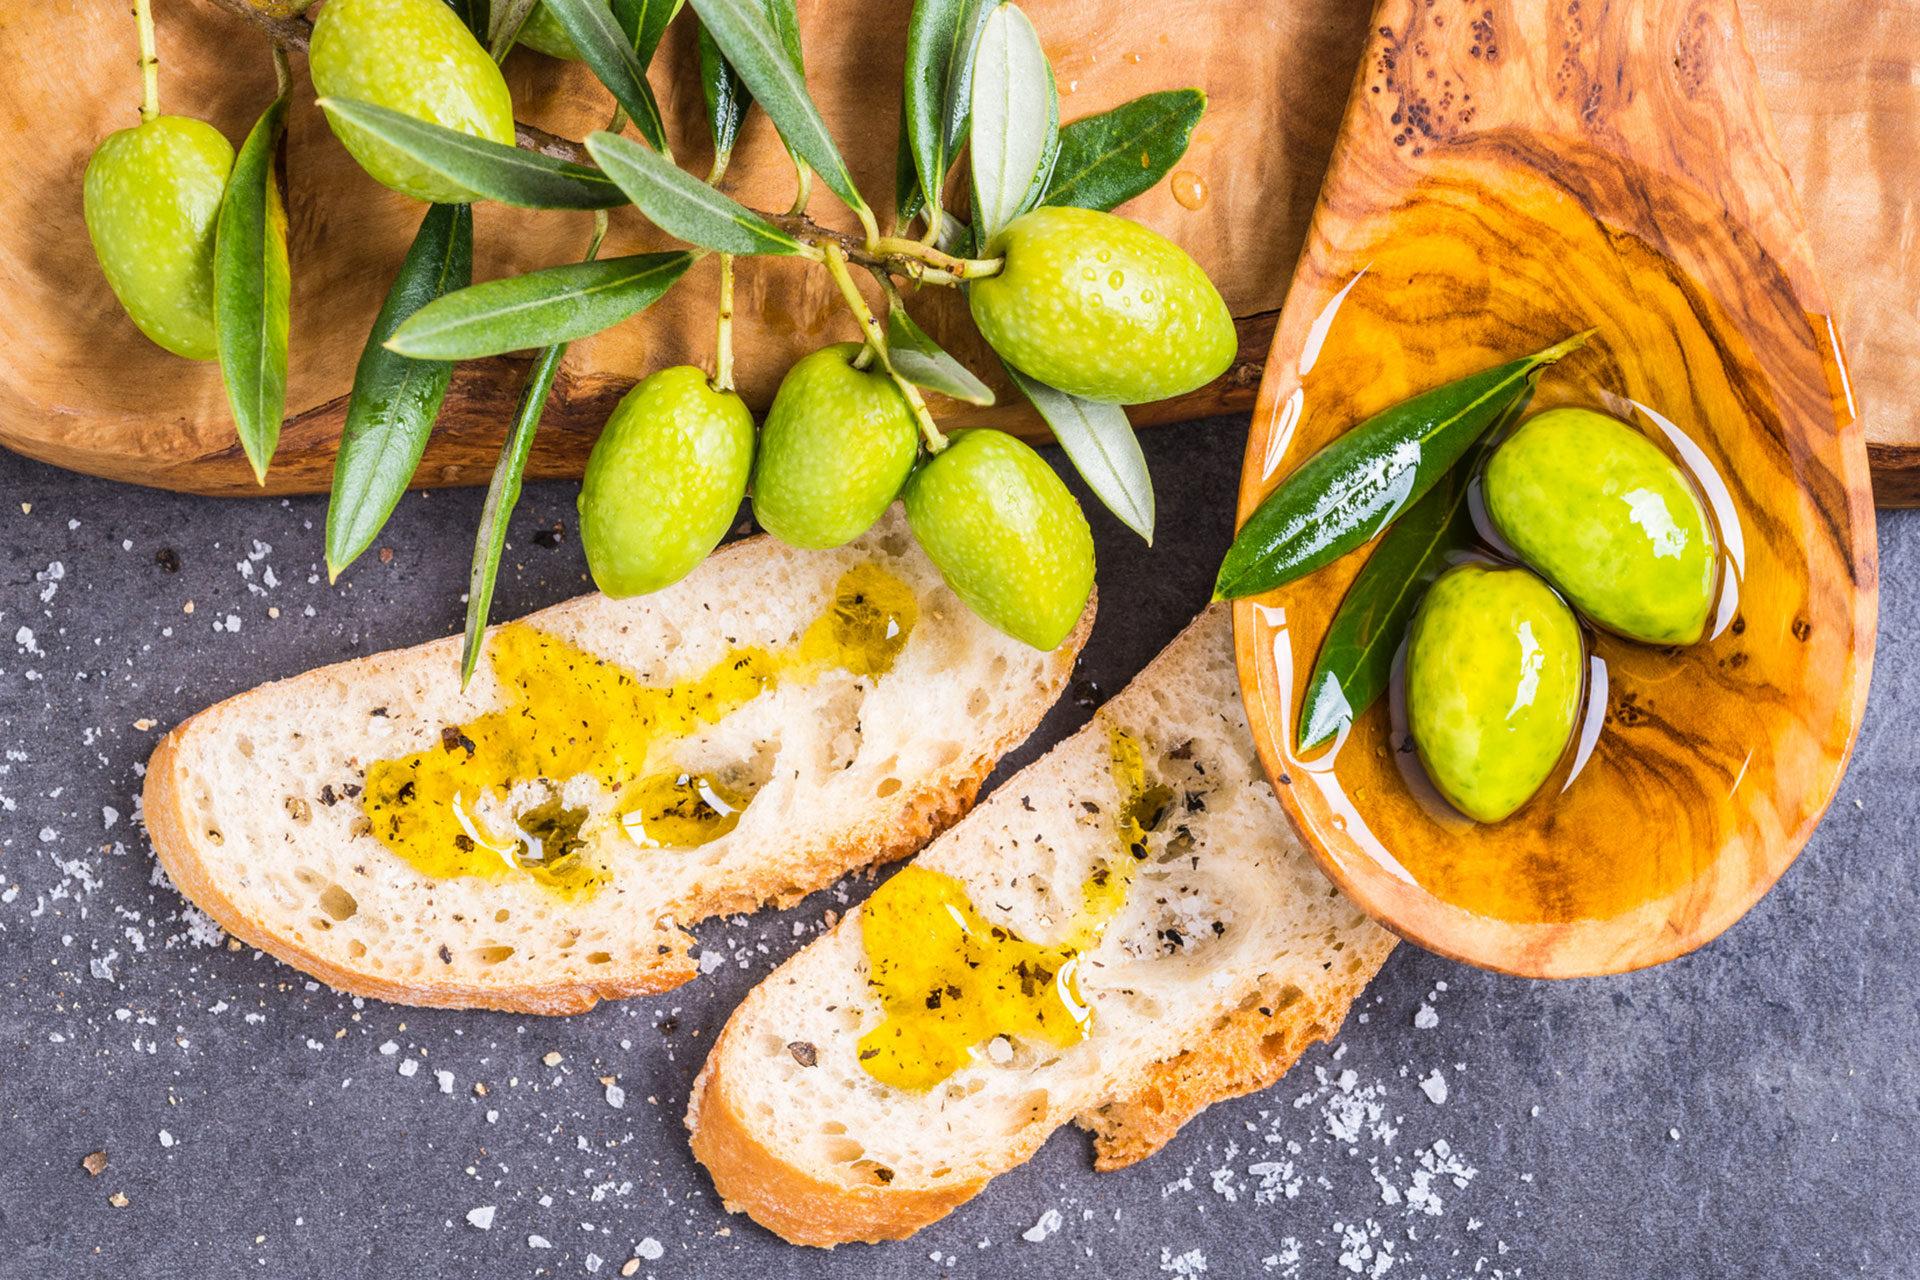 Umbria - olive tree festival Spello - L'oro di Spello